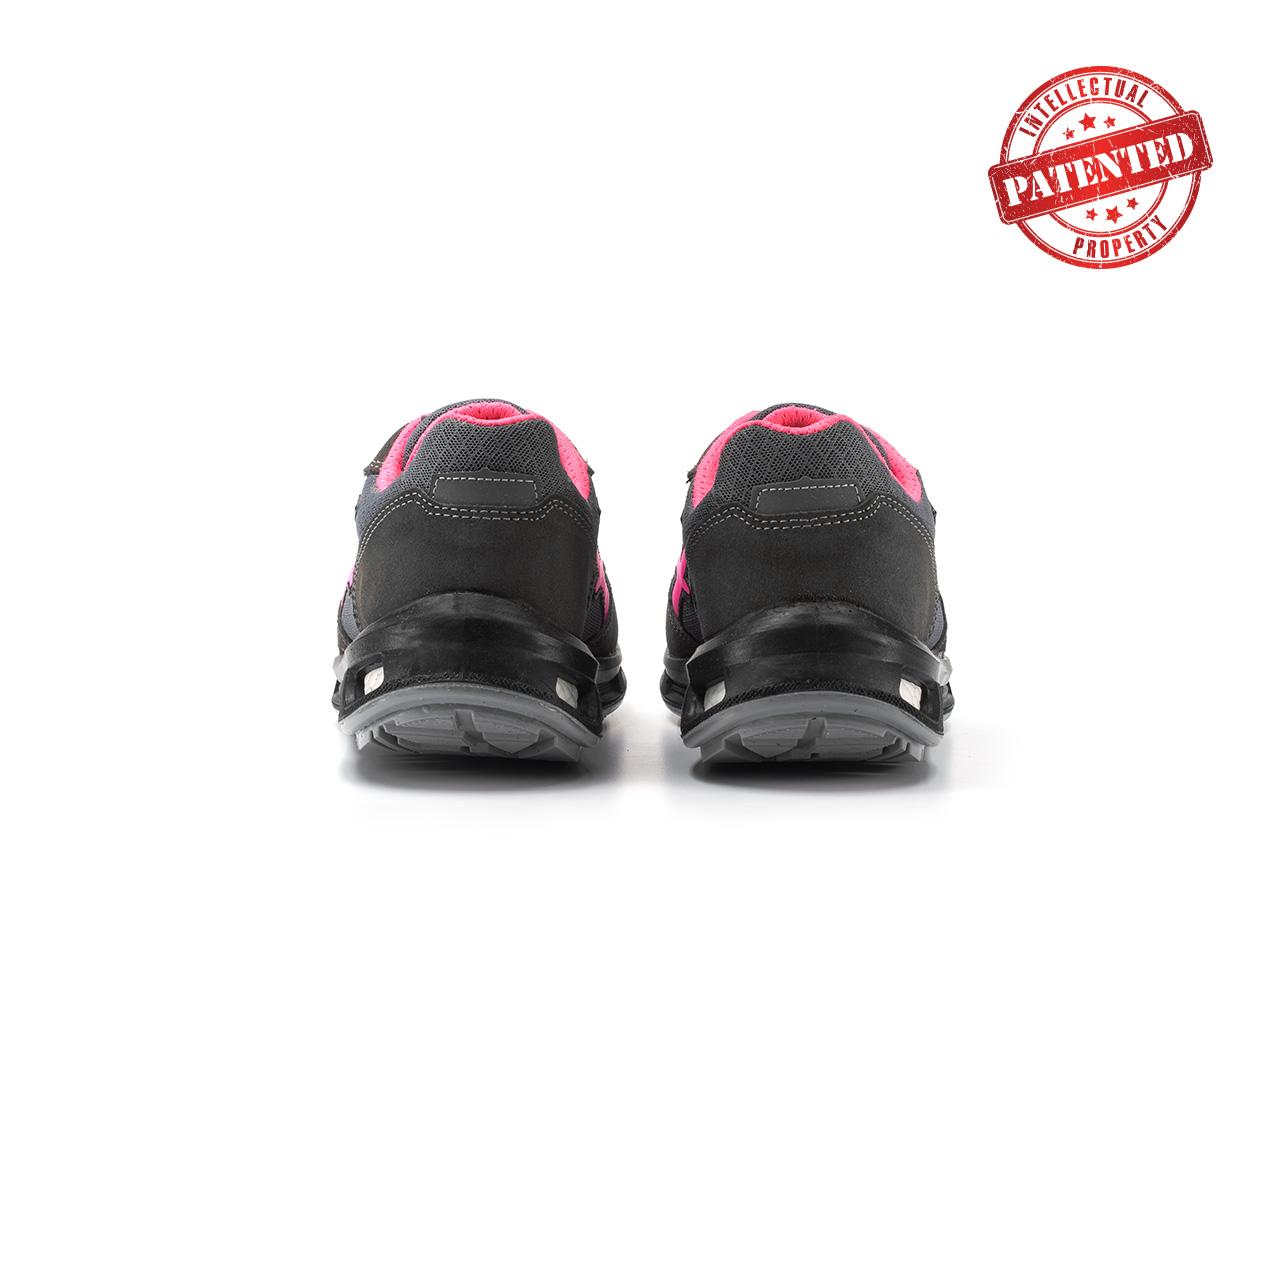 paio di scarpe antinfortunistiche upower modello verok linea redlion vista retro